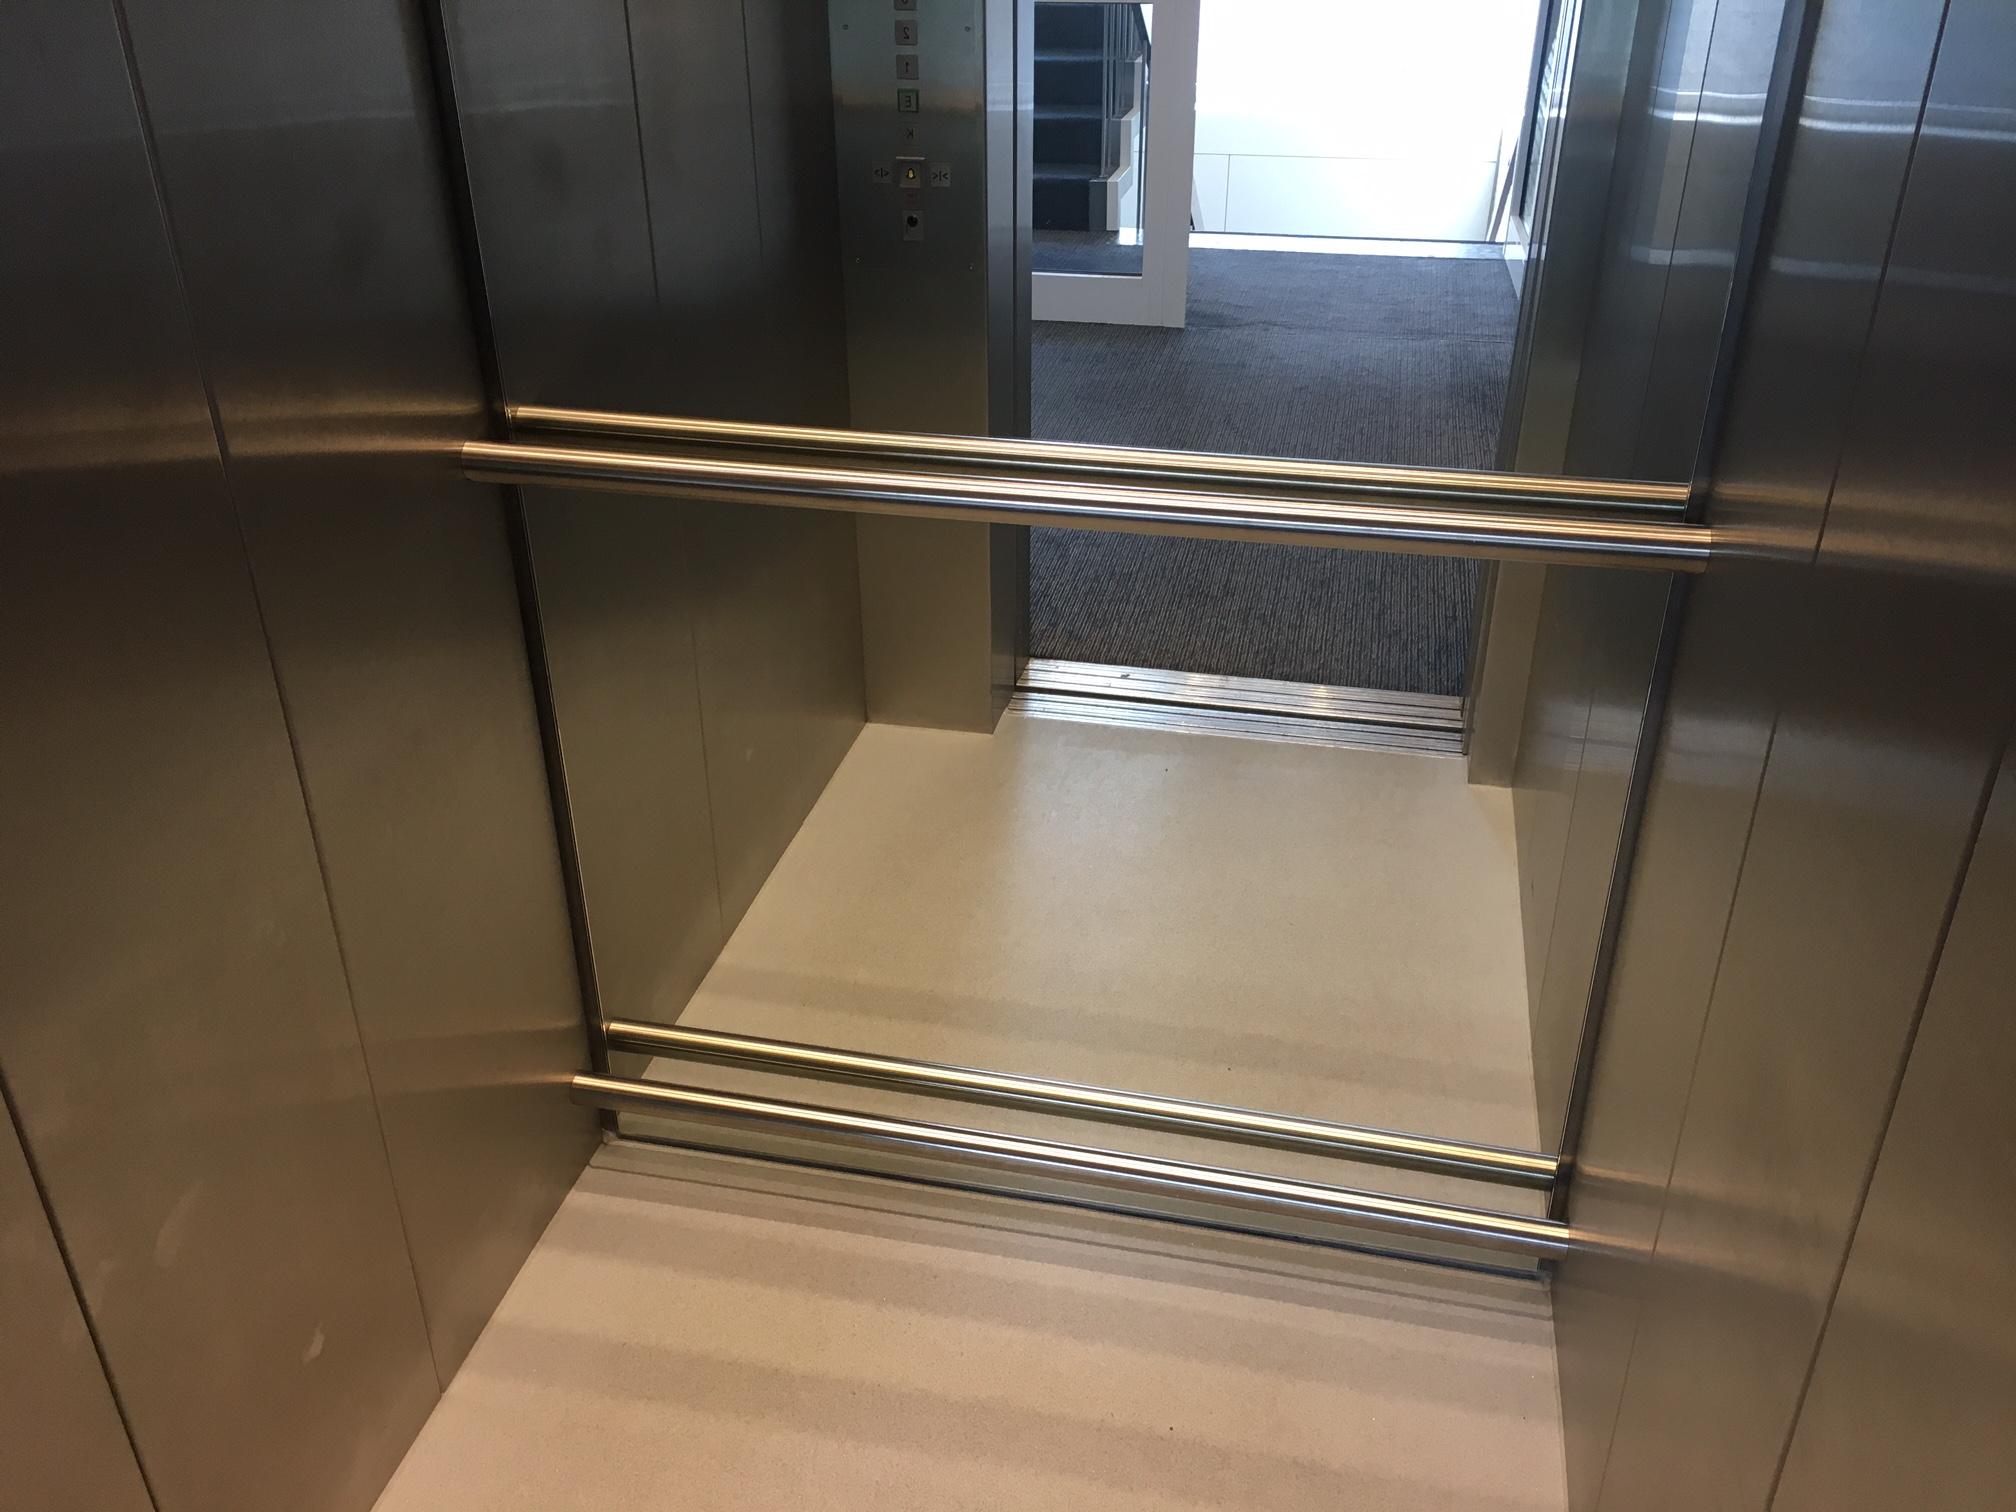 e-li Handlauf von Wand-zu-Wand in Aufzugskabinen mit Spiegel